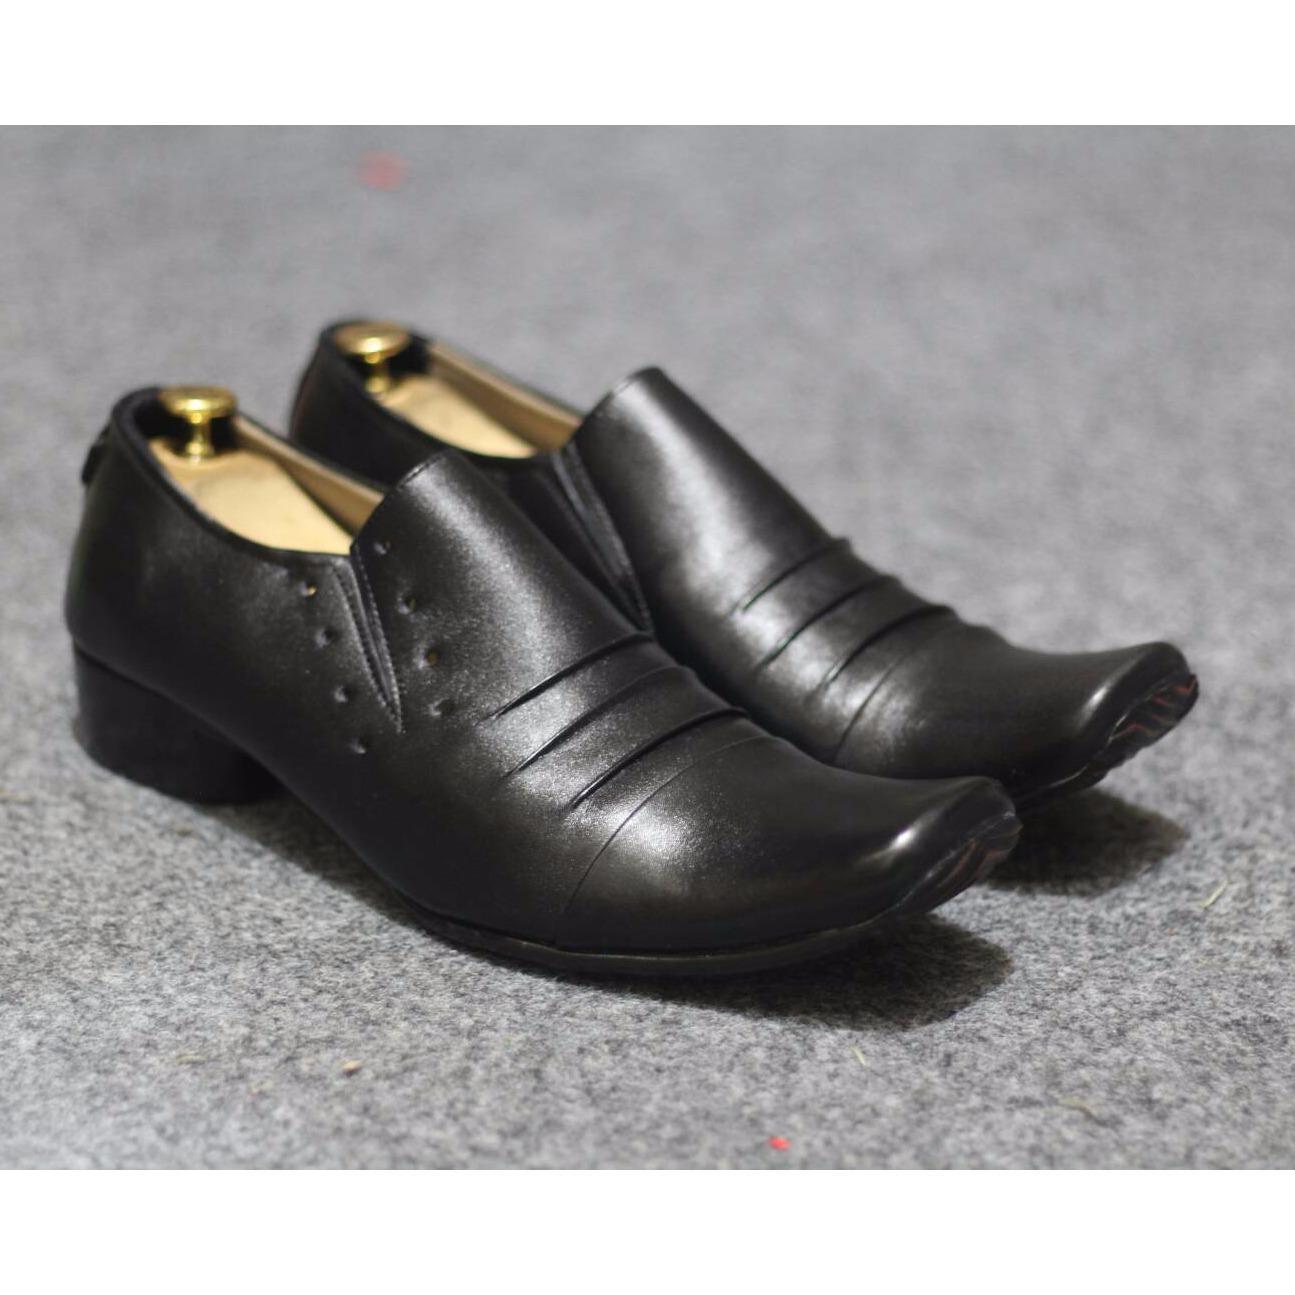 Harga Hemat B A E Weah Sepatu Pantofel Pria Formal Sepatu Kulit Asli Pria Pantofel